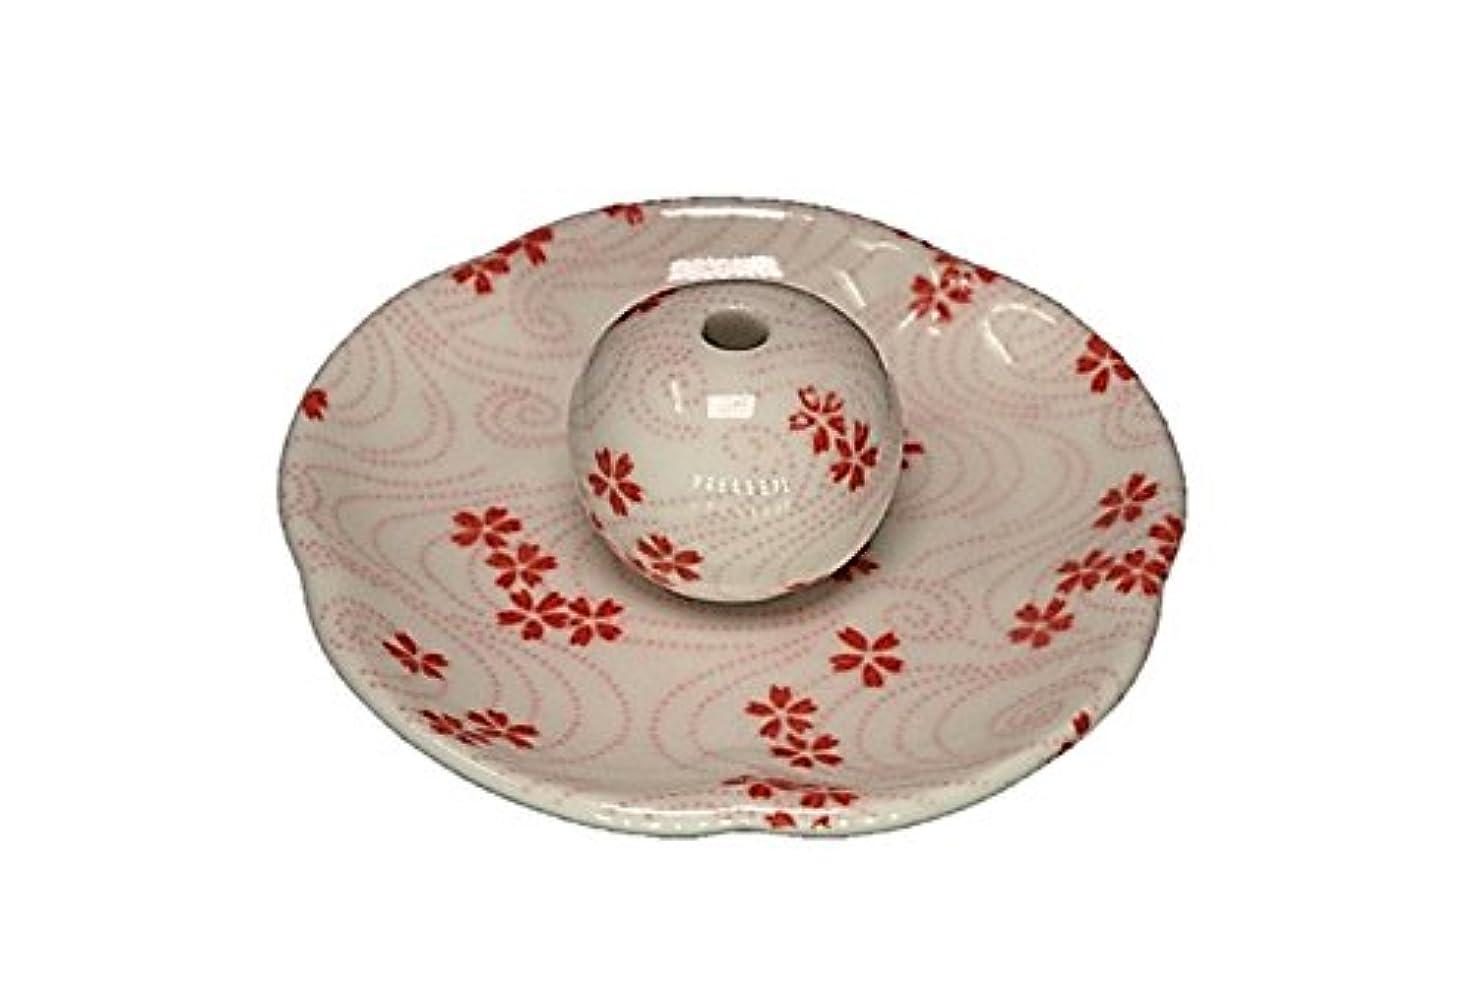 炎上ドレイン変更可能桜渦 花形香皿 お香立て 日本製 製造 直売品